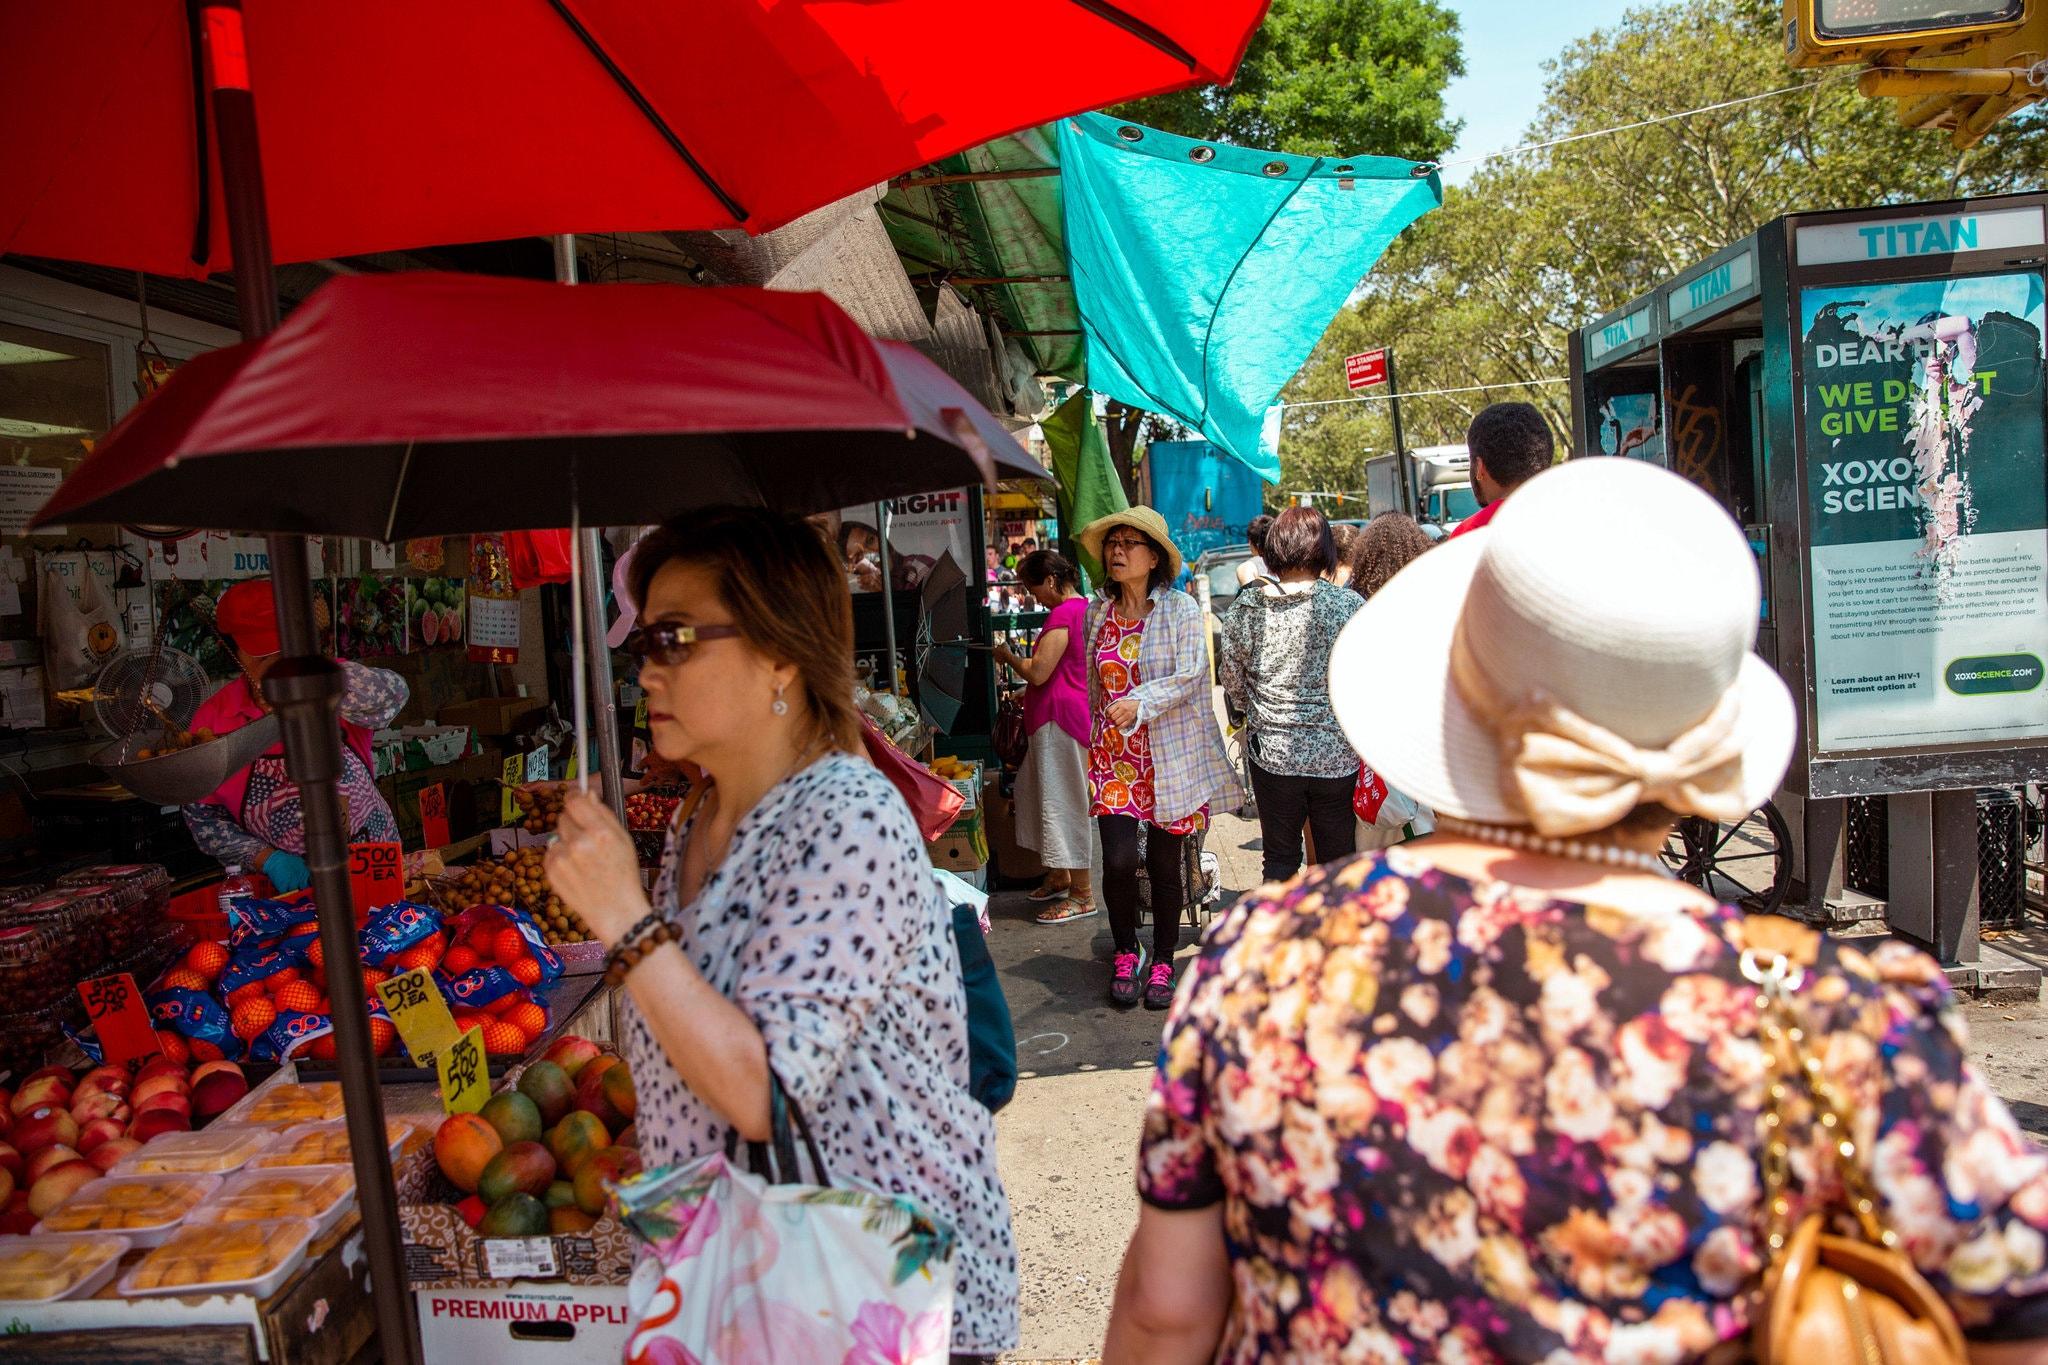 زوار الحى الصينى فى نيويورك يستخدمون الشماسى للوقاية من الشمس